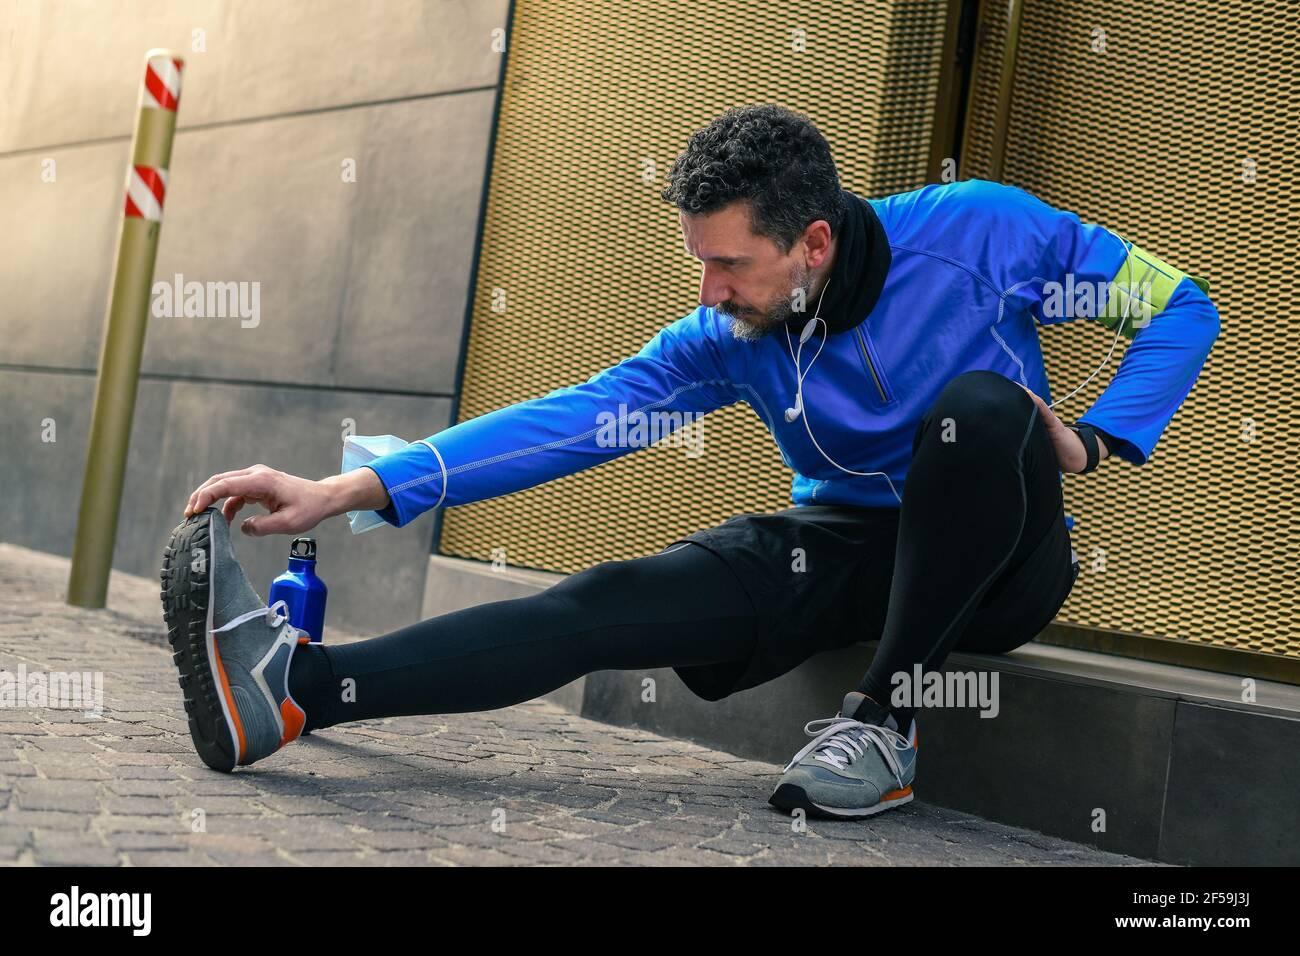 Homme s'étirant et écoutant de la musique après l'entraînement. Homme se reposant pendant le jogging de la ville. Coureur avec téléphone mobile connecté à une montre intelligente Banque D'Images